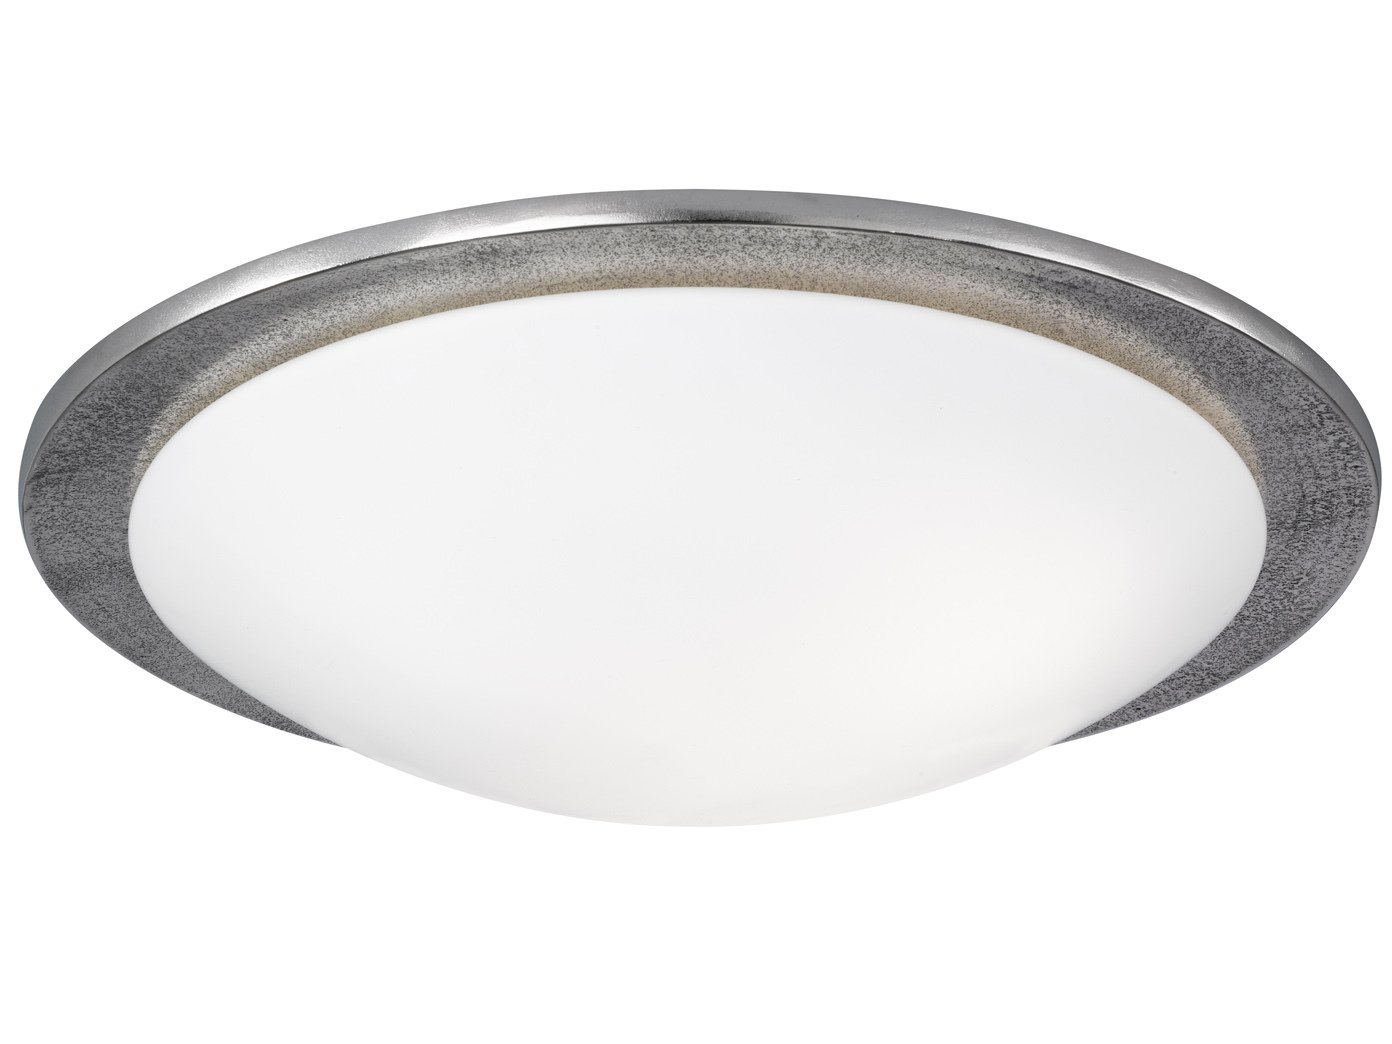 Deckenleuchte SHINE-ALU im Antik Stil, Nickel antik, Glas opalweiß, Ø 50 cm, 3x E27 Fassung